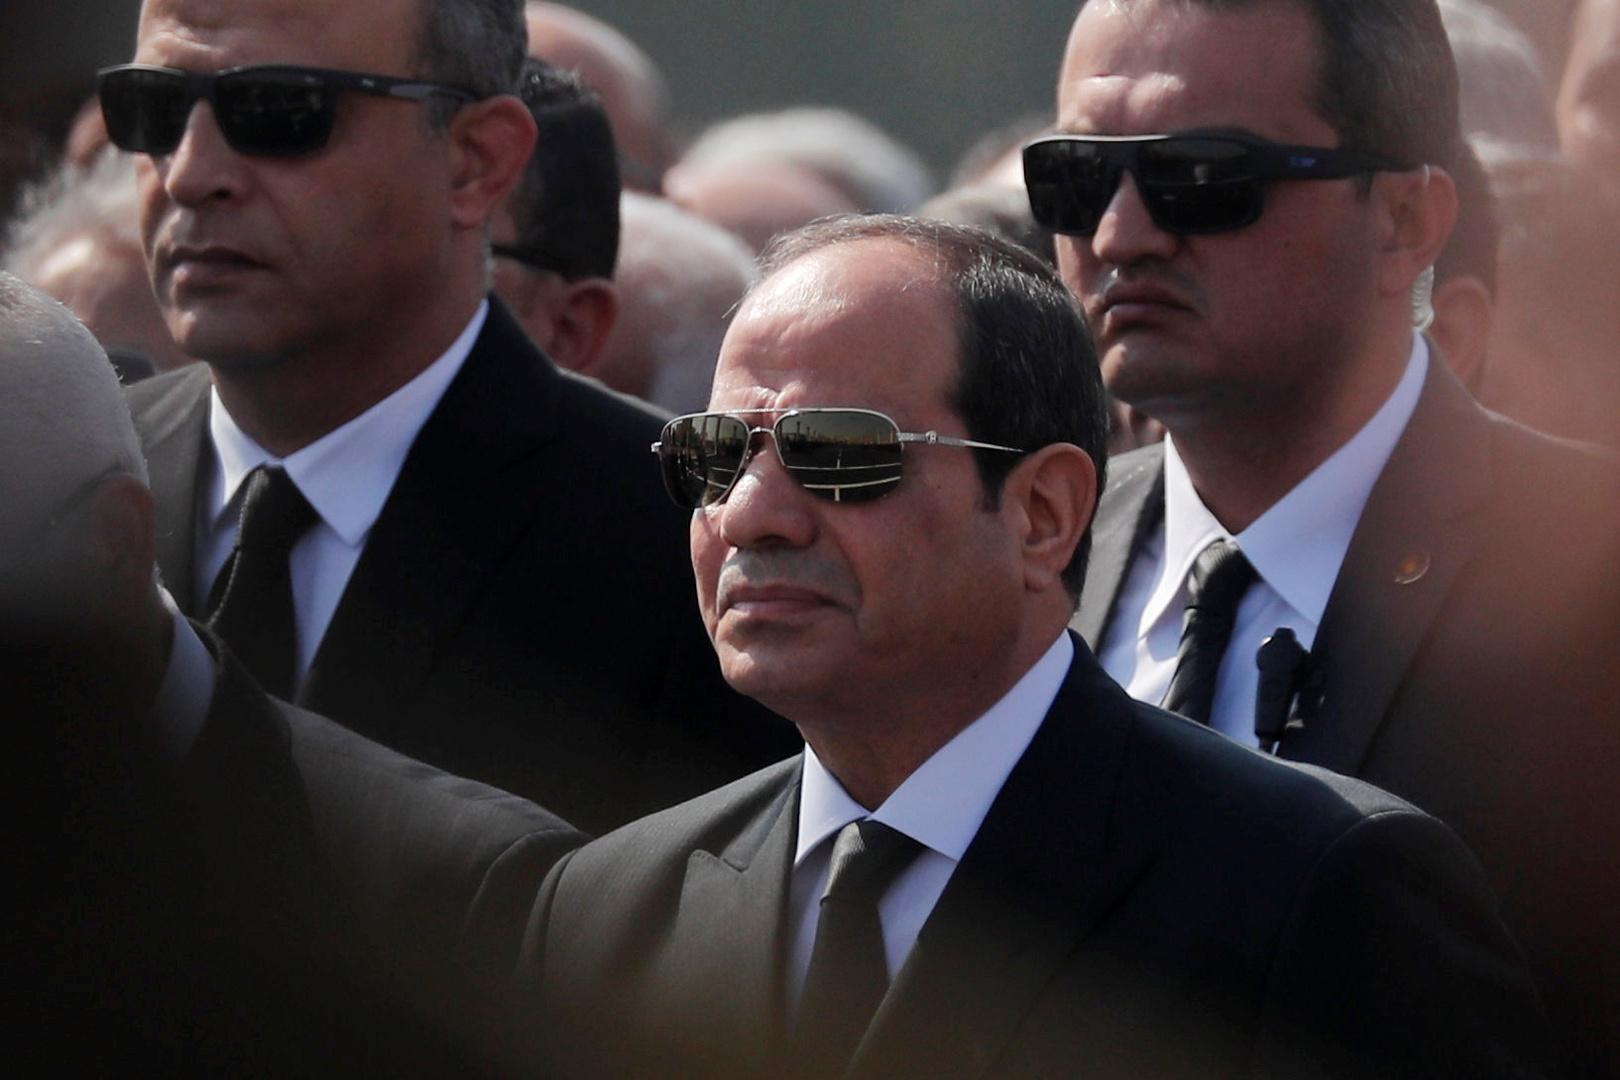 السيسي يصدر قرارا بتخصيص قطع أراض للجيش المصري